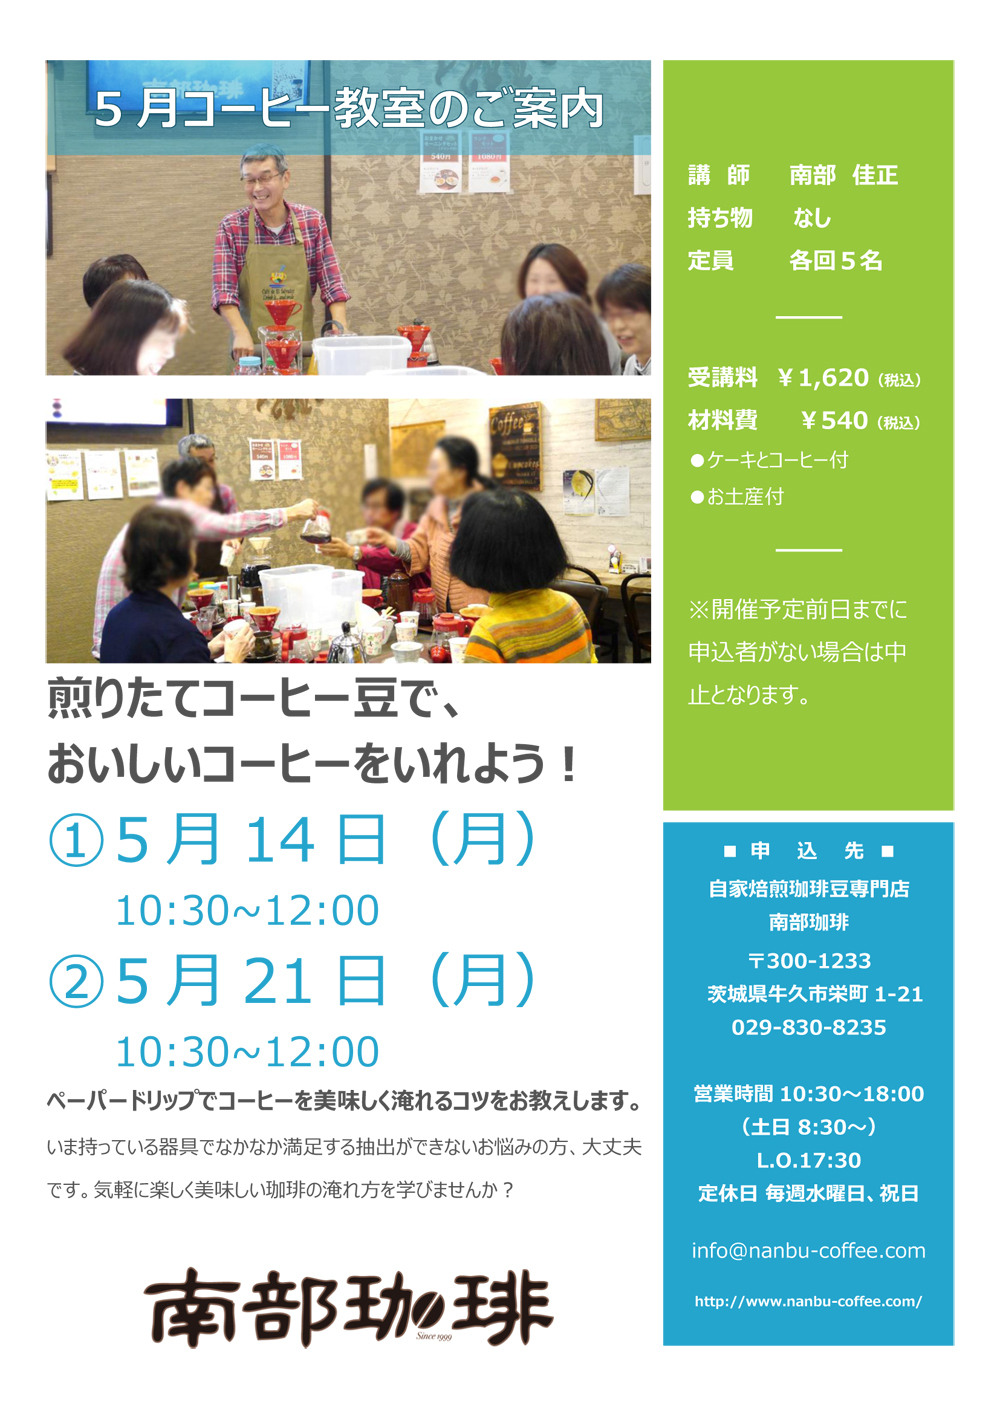 コーヒー教室の案内2018年5月